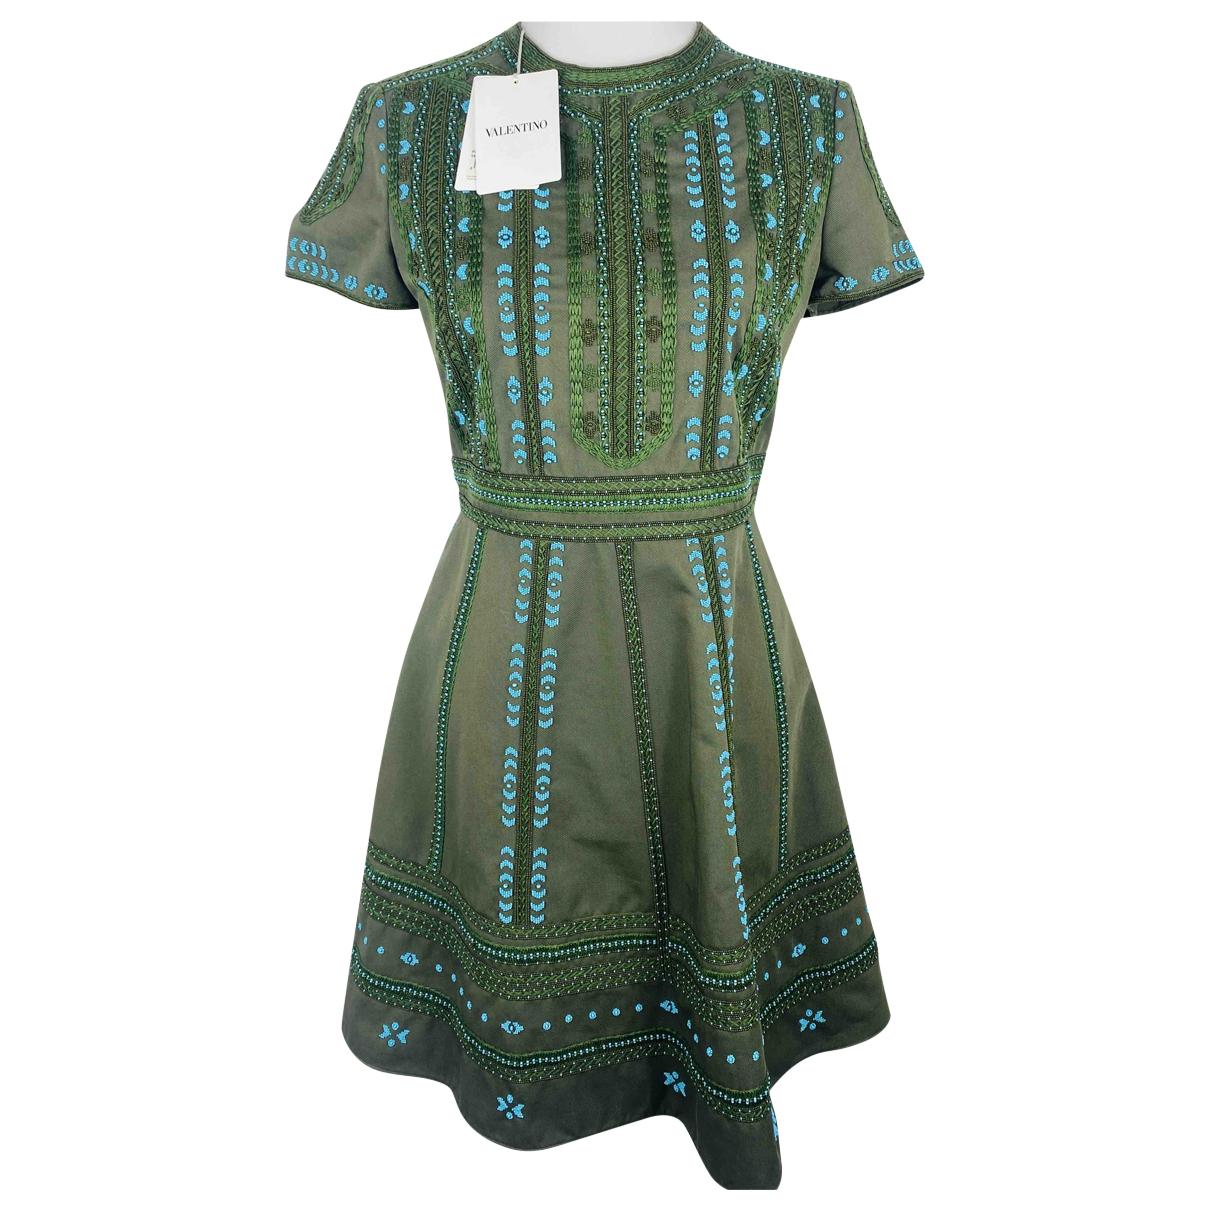 Valentino Garavani \N Kleid in  Khaki Mit Pailletten